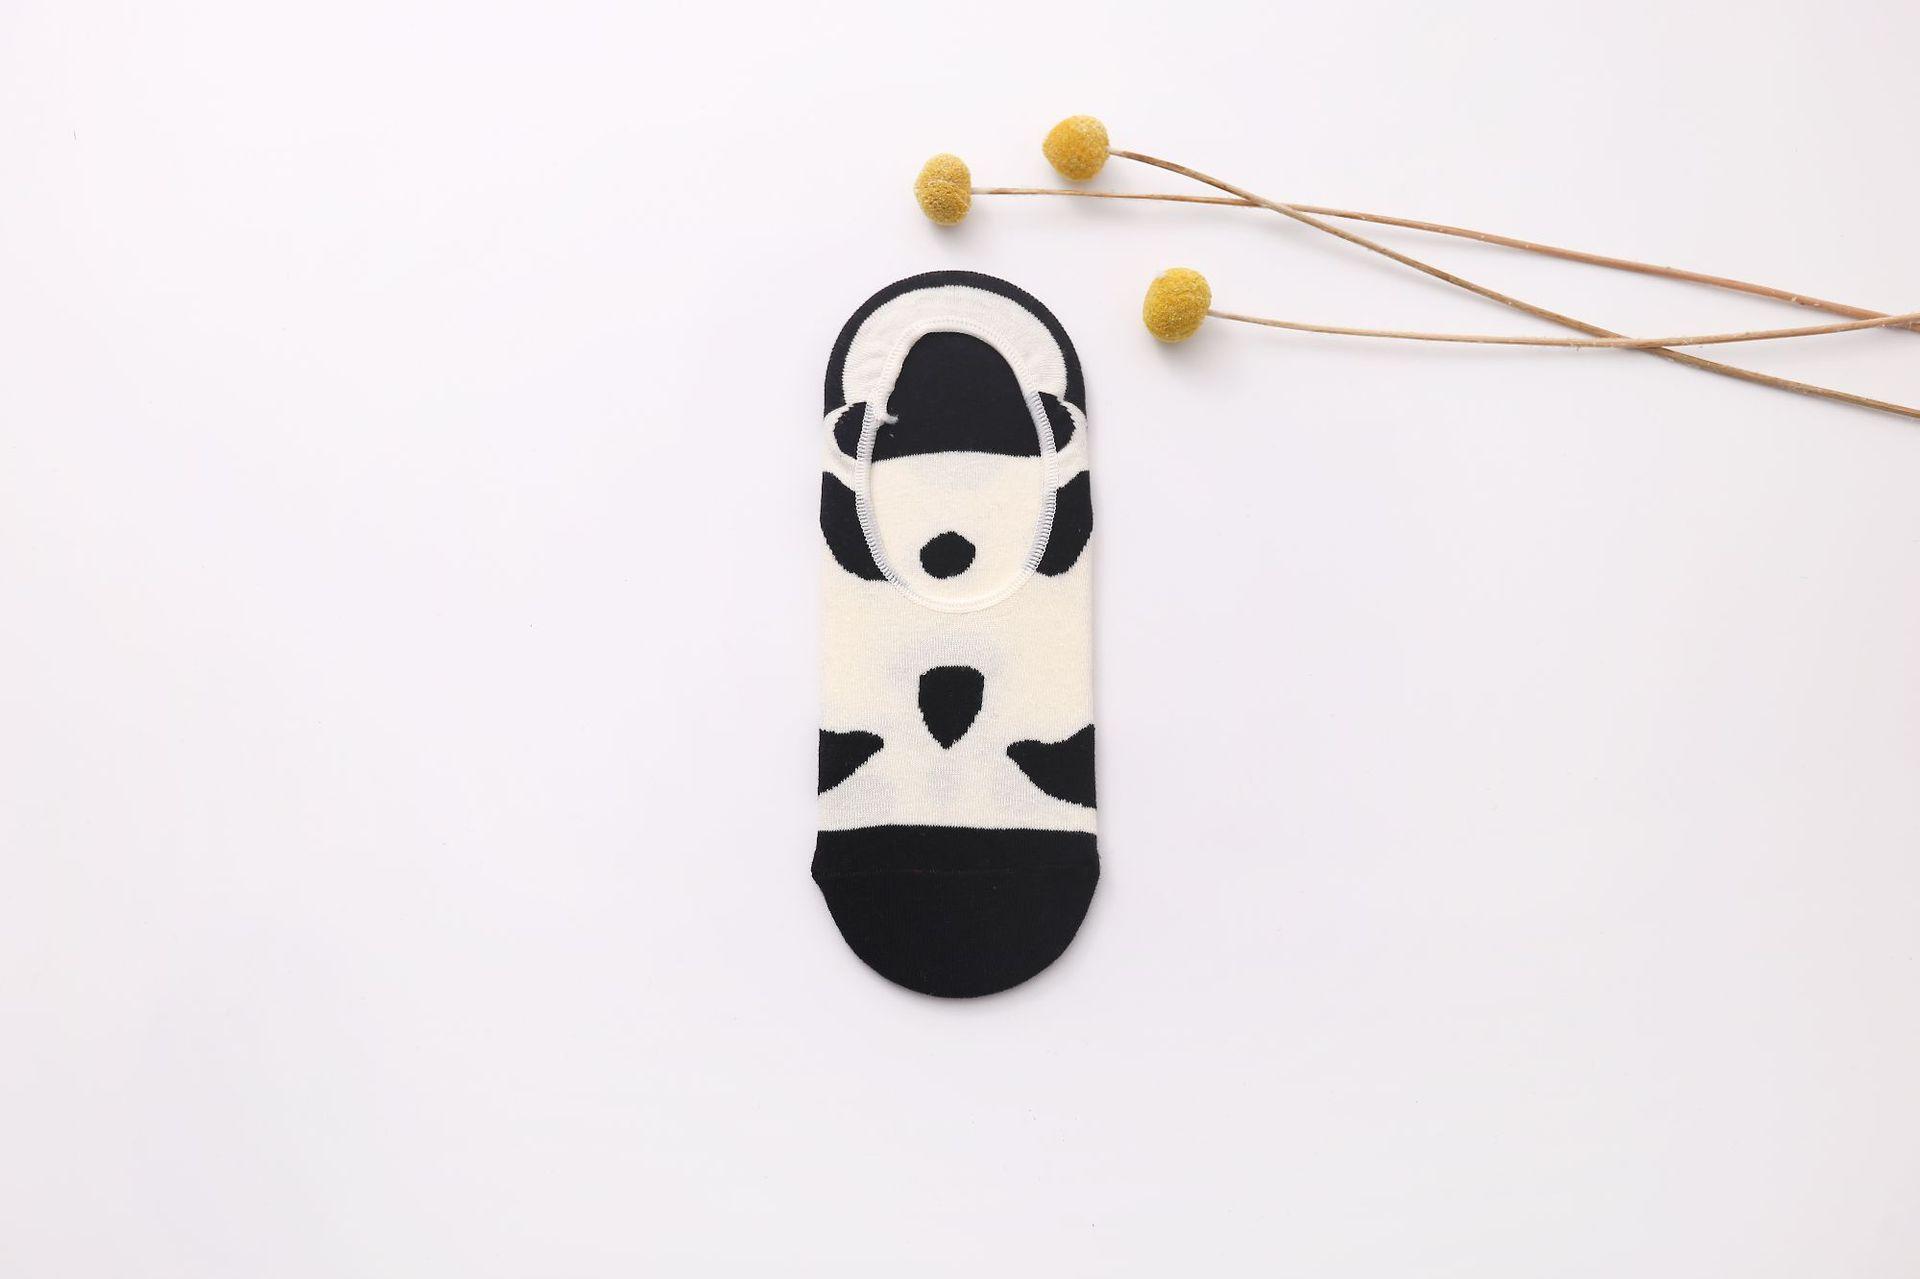 袜子女春夏新款原创卡通韩版低帮浅口防滑隐形袜厂家直销